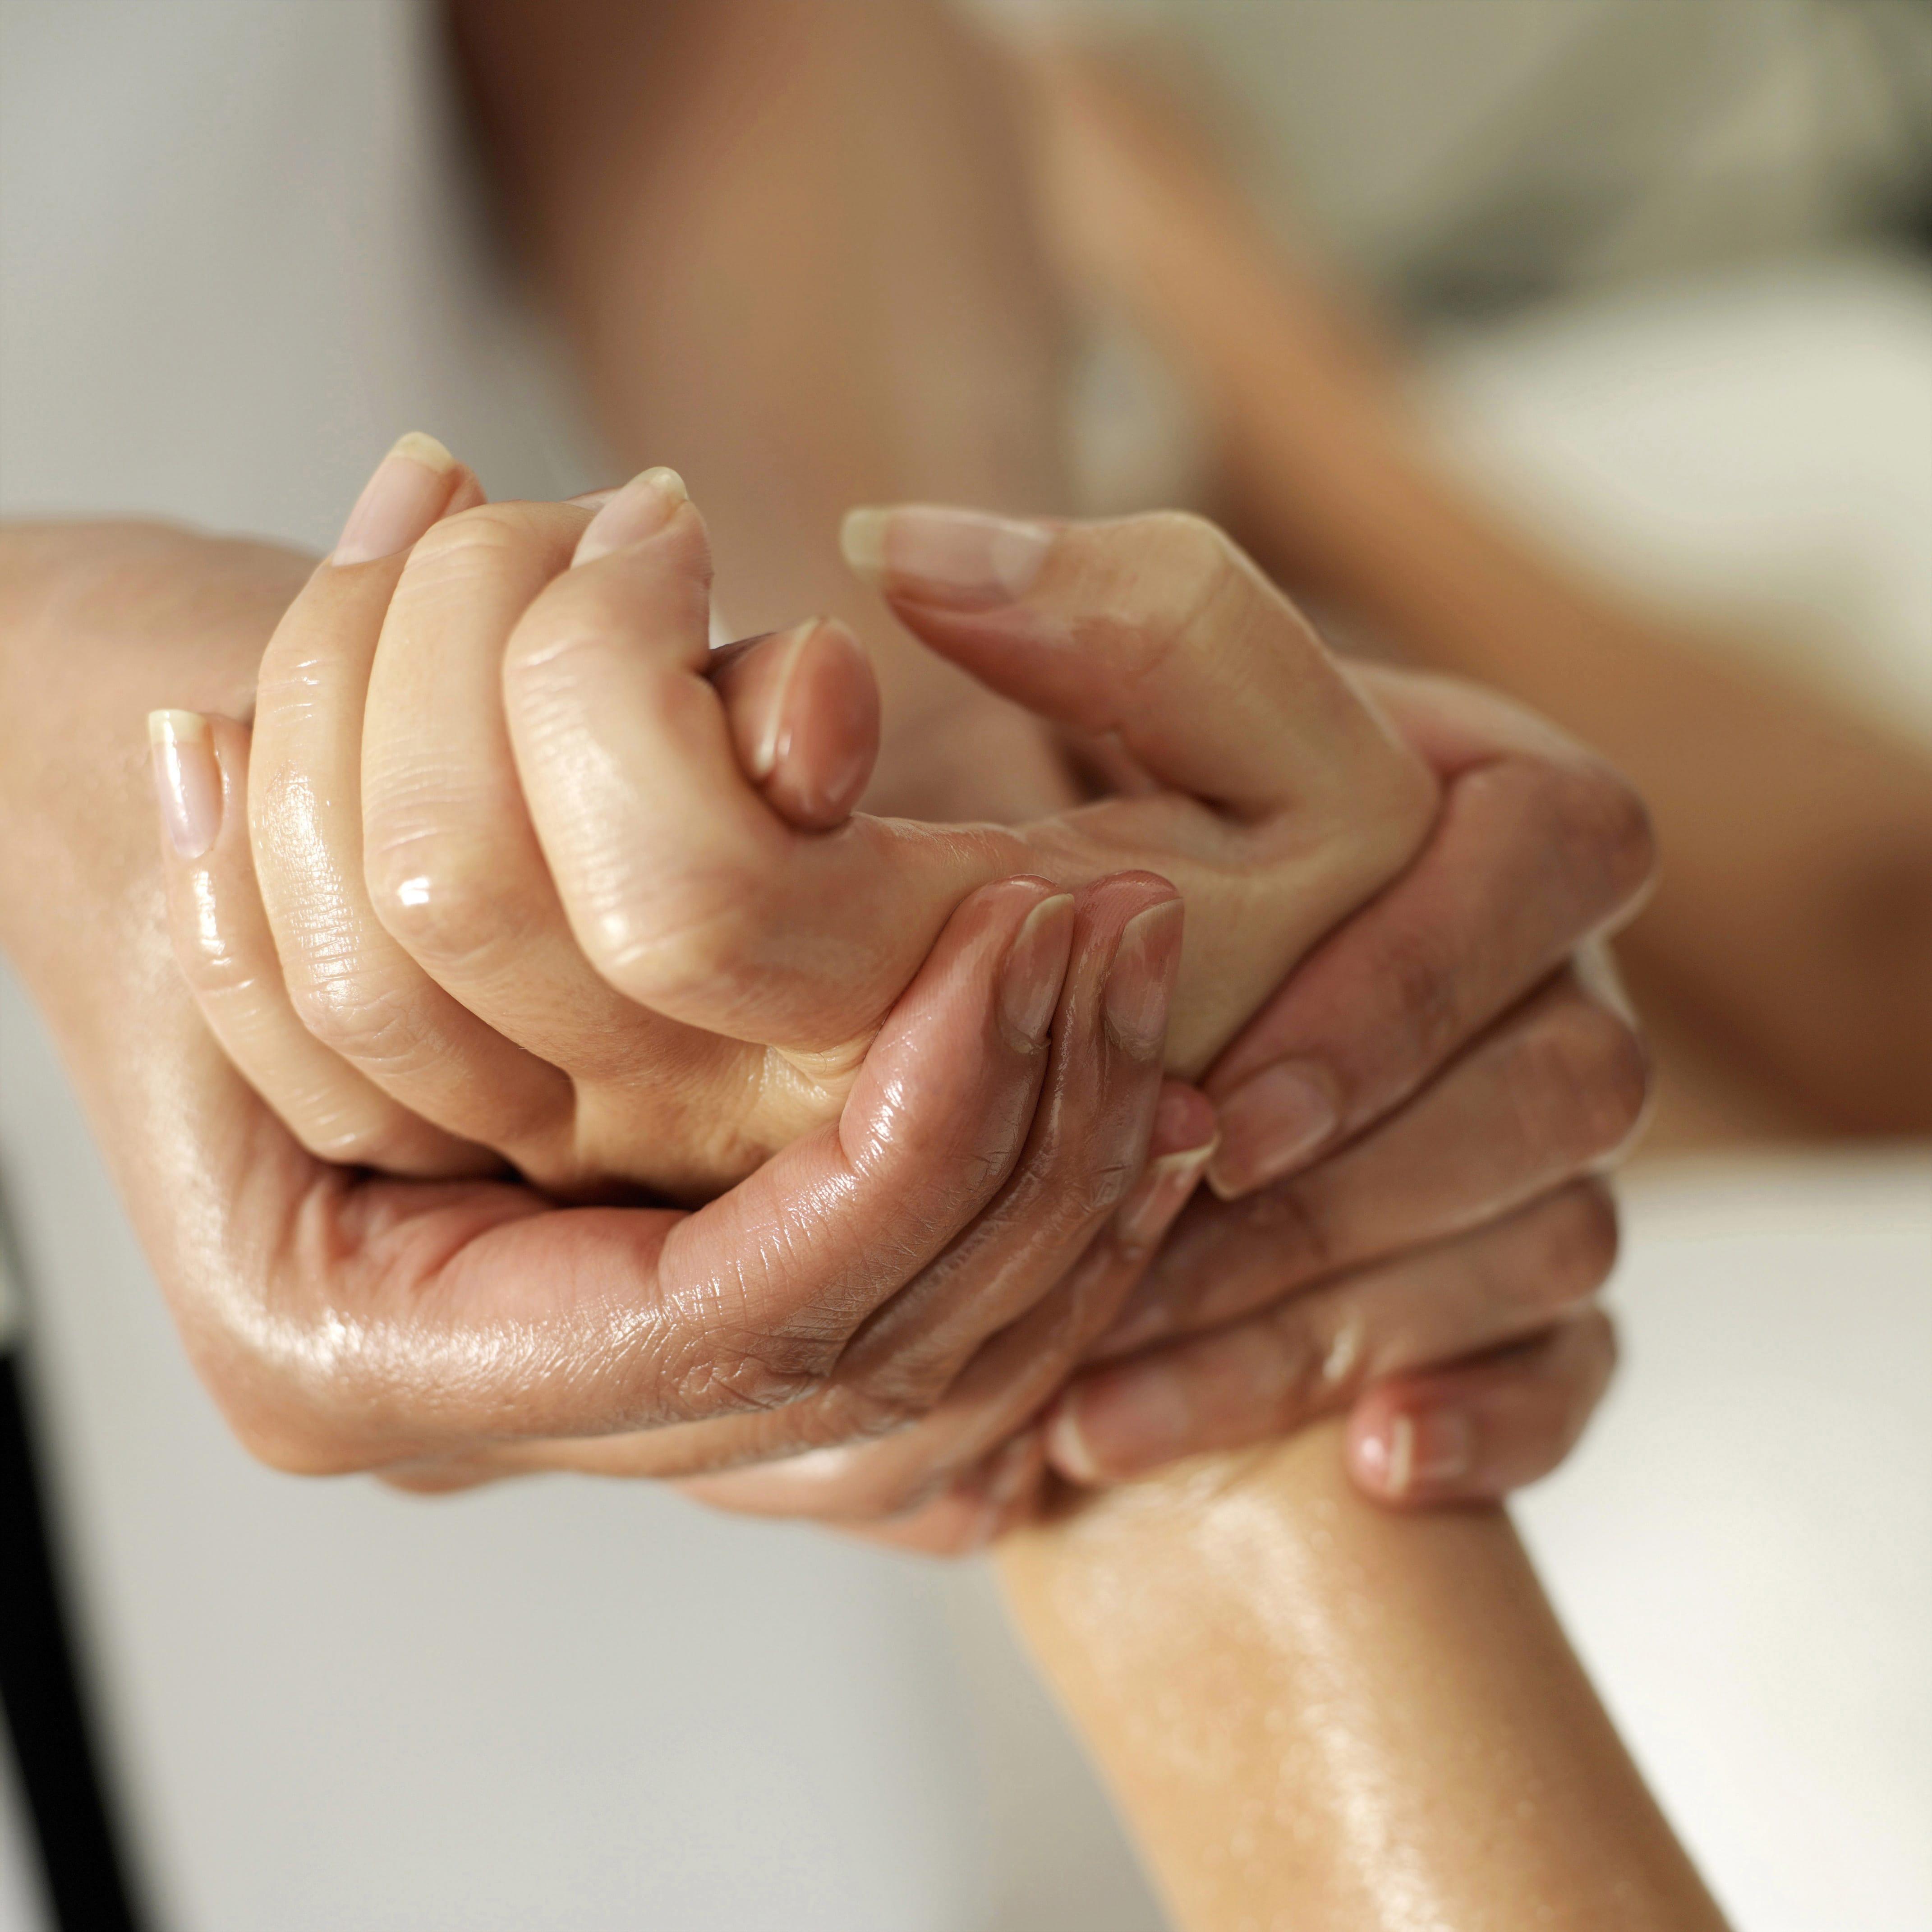 hands-min